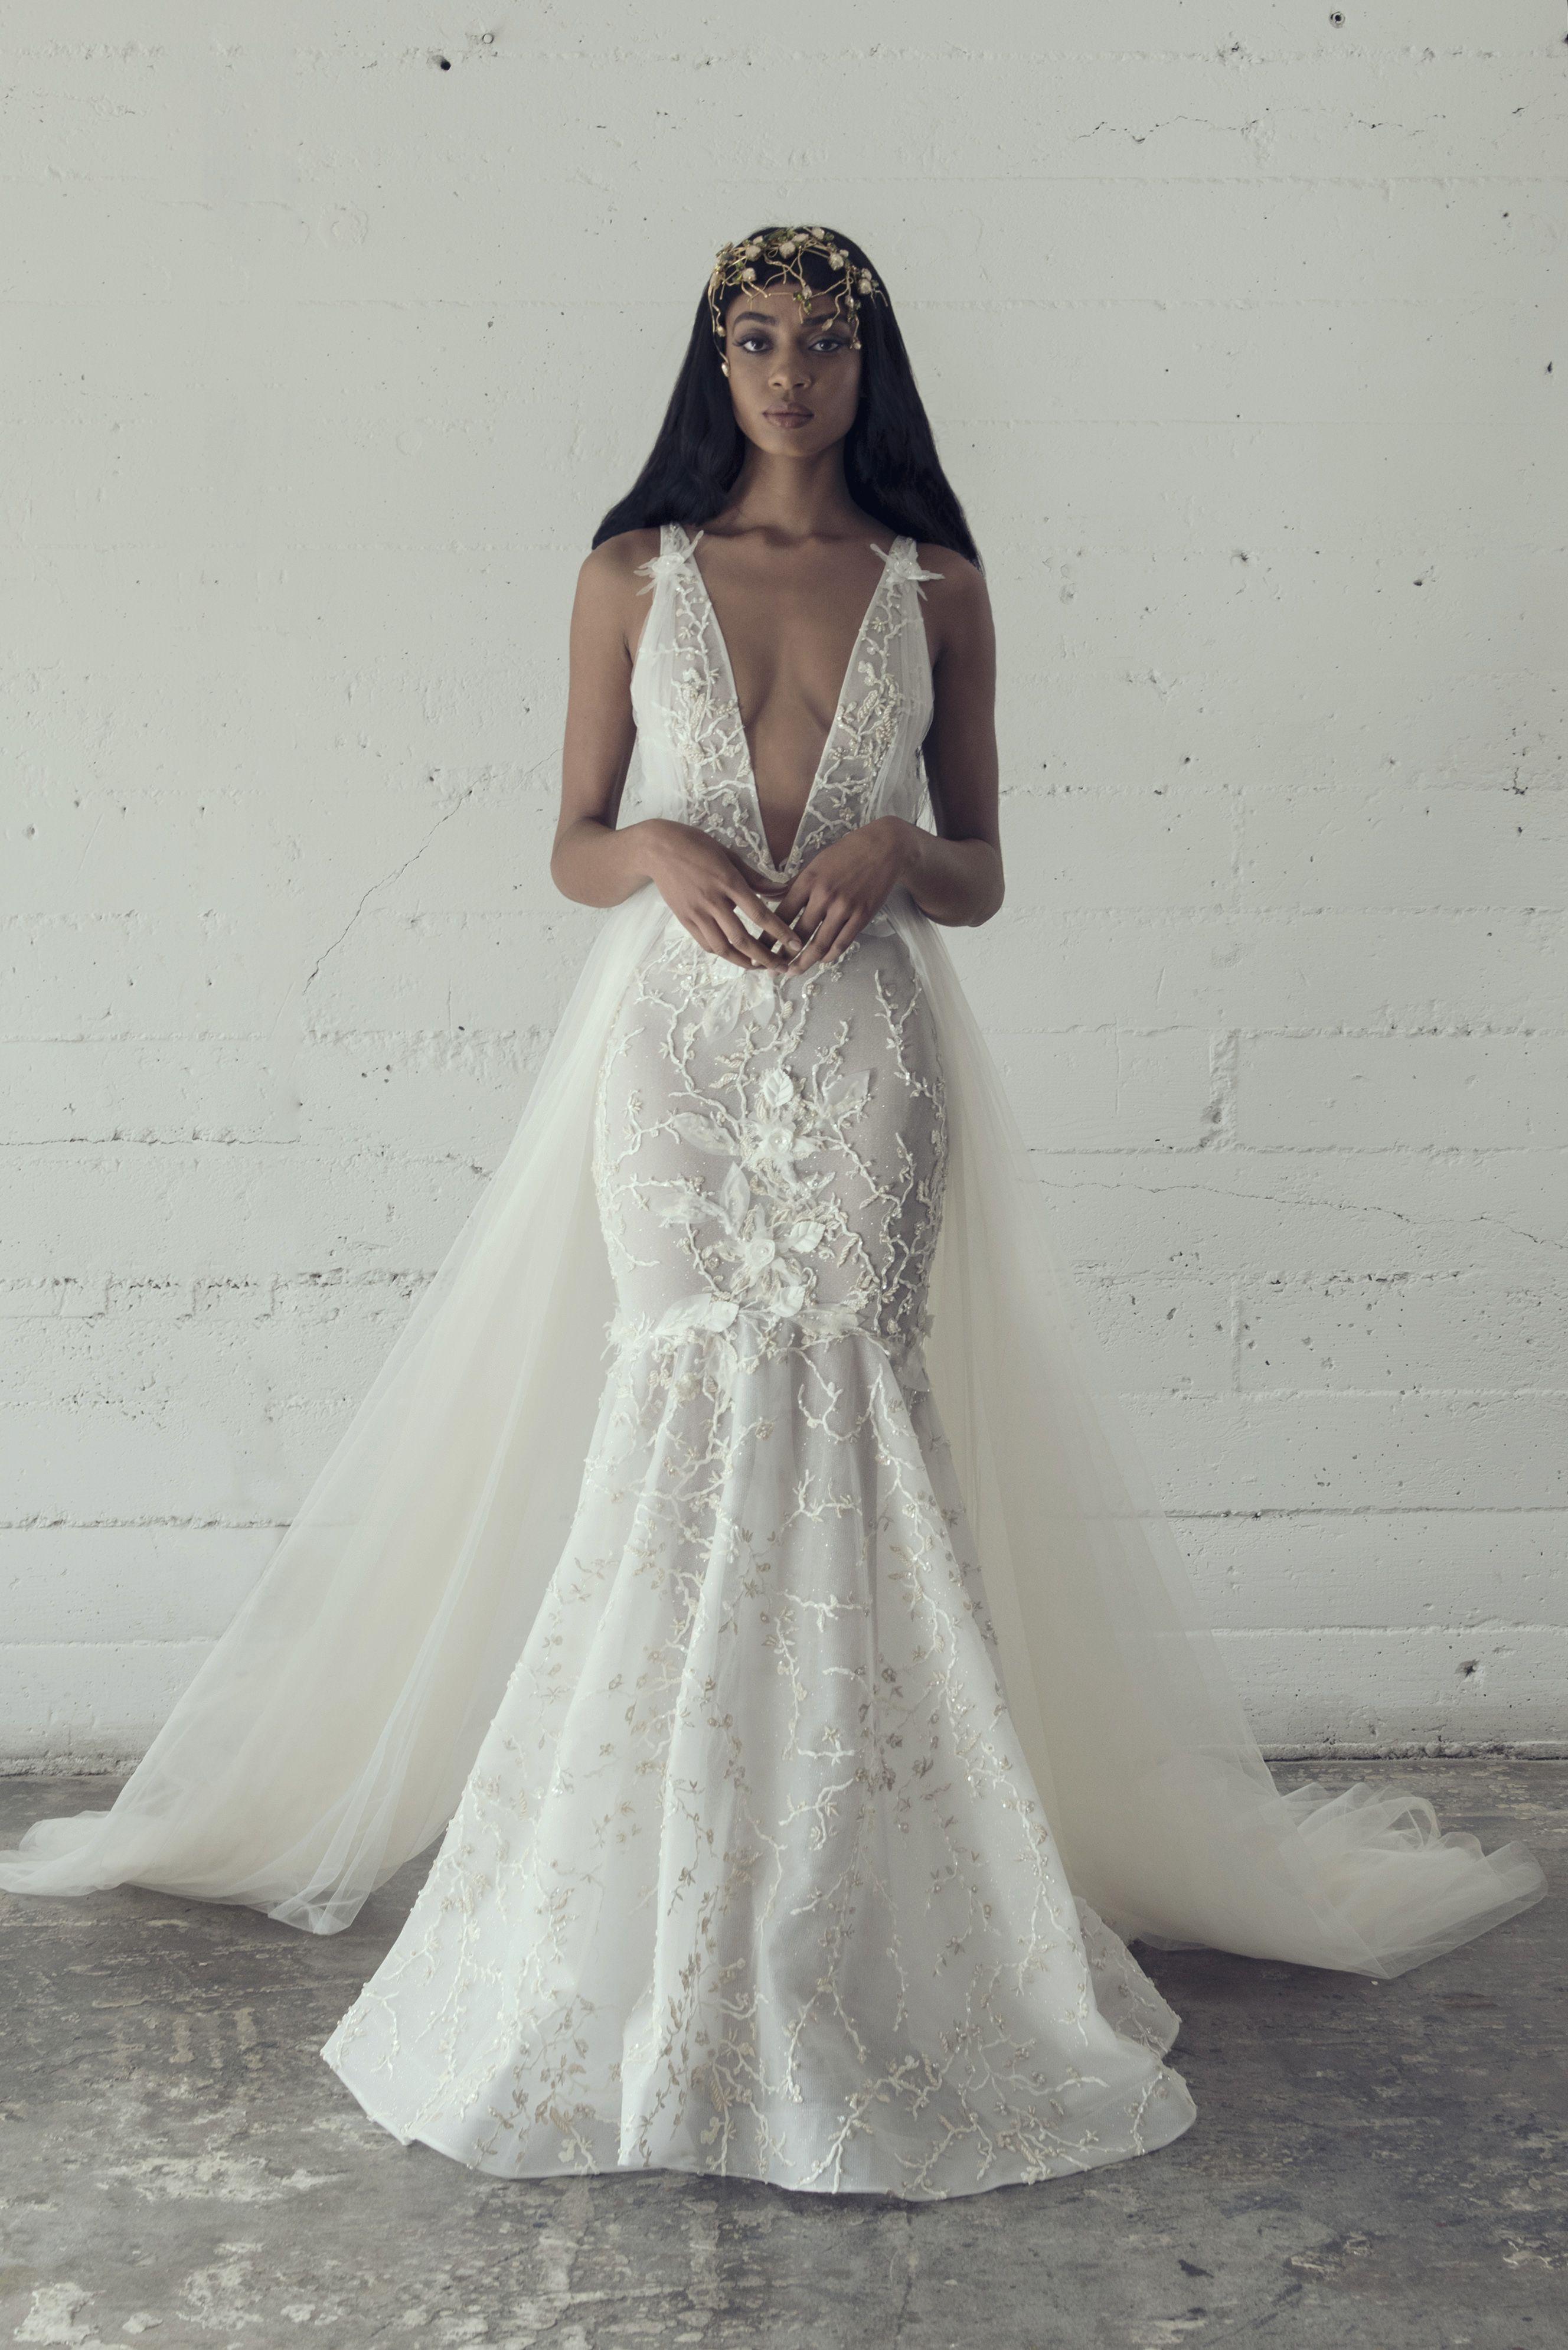 Modern Wedding Dress 2018: Modern Asian Wedding Dresses At Reisefeber.org